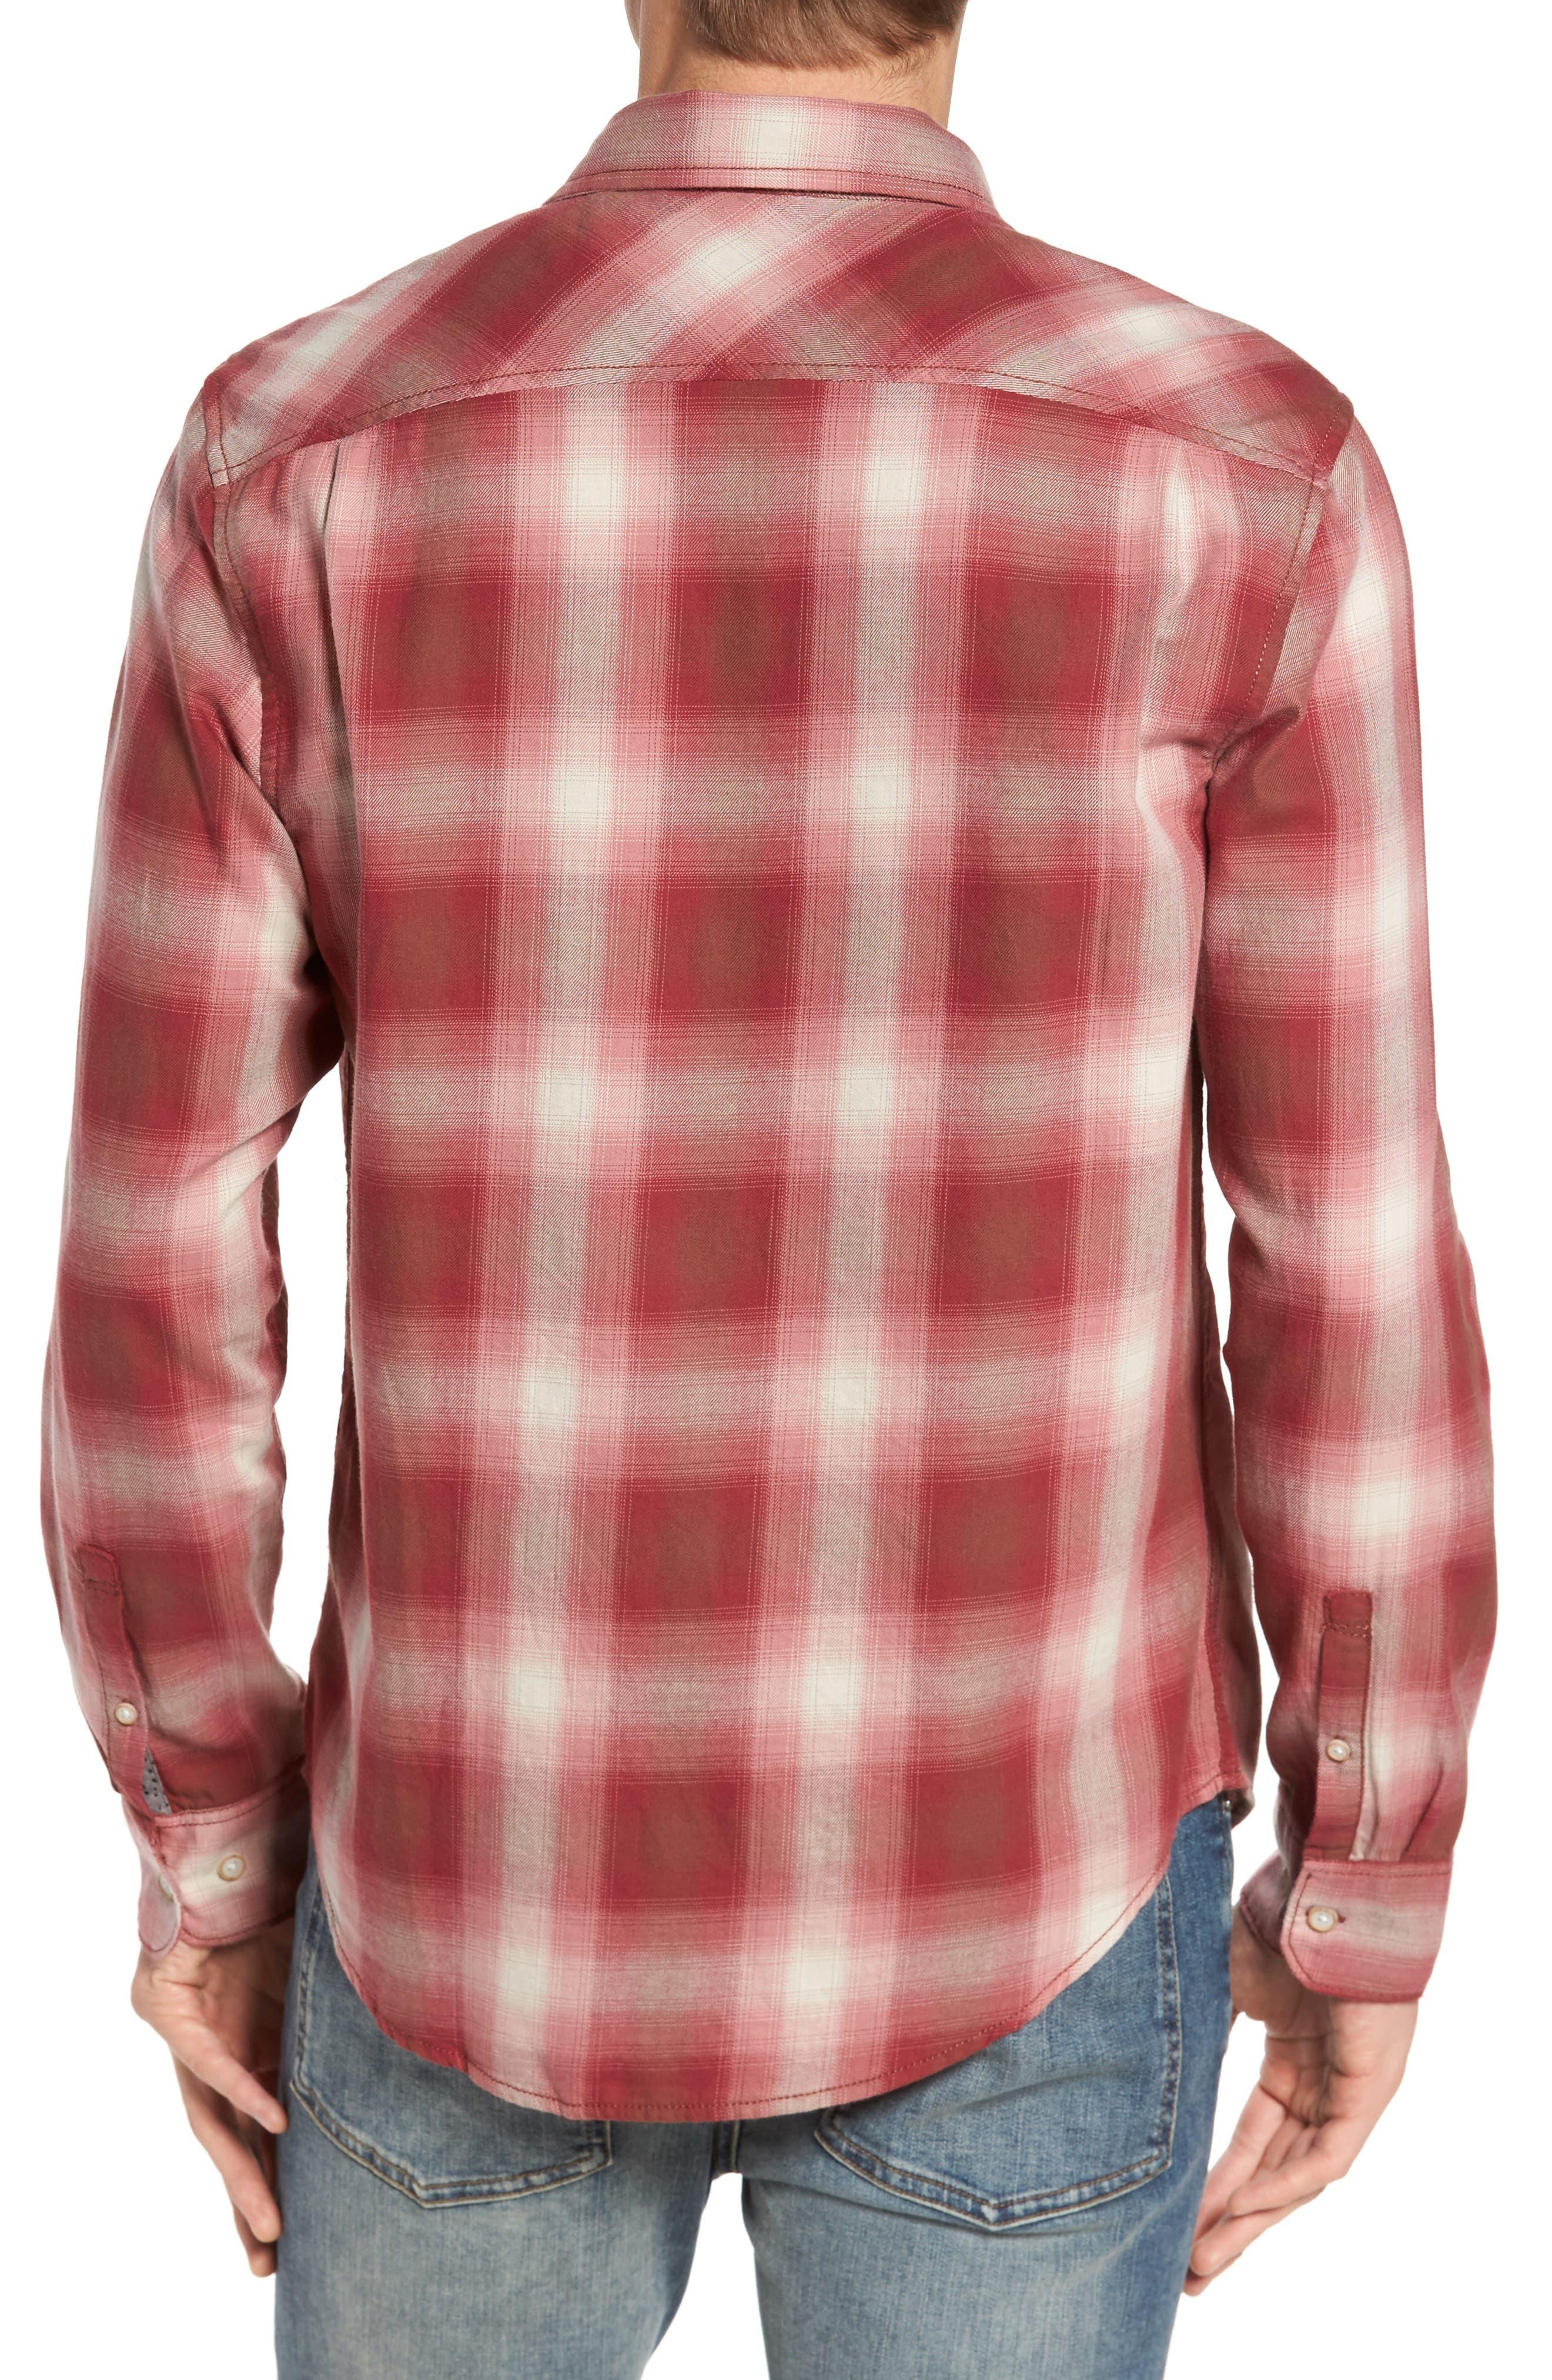 90s Plaid Flannel Shirt,                             Alternate thumbnail 2, color,                             643